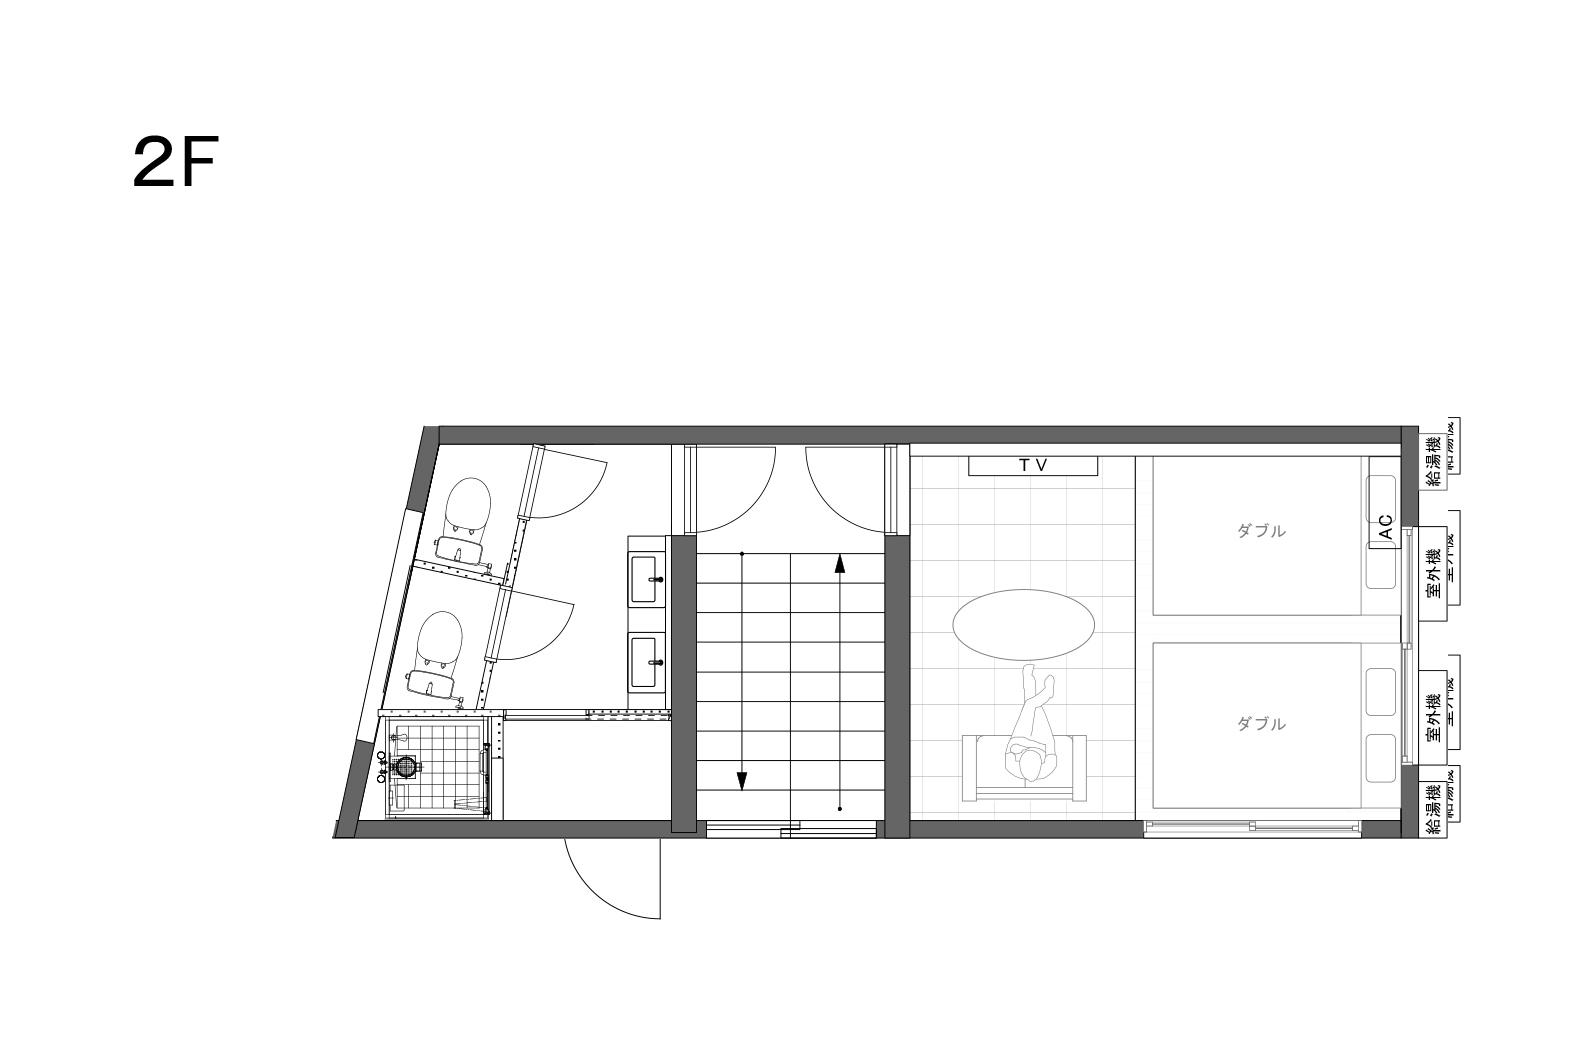 EA101淡路町_募集図_2F_190927